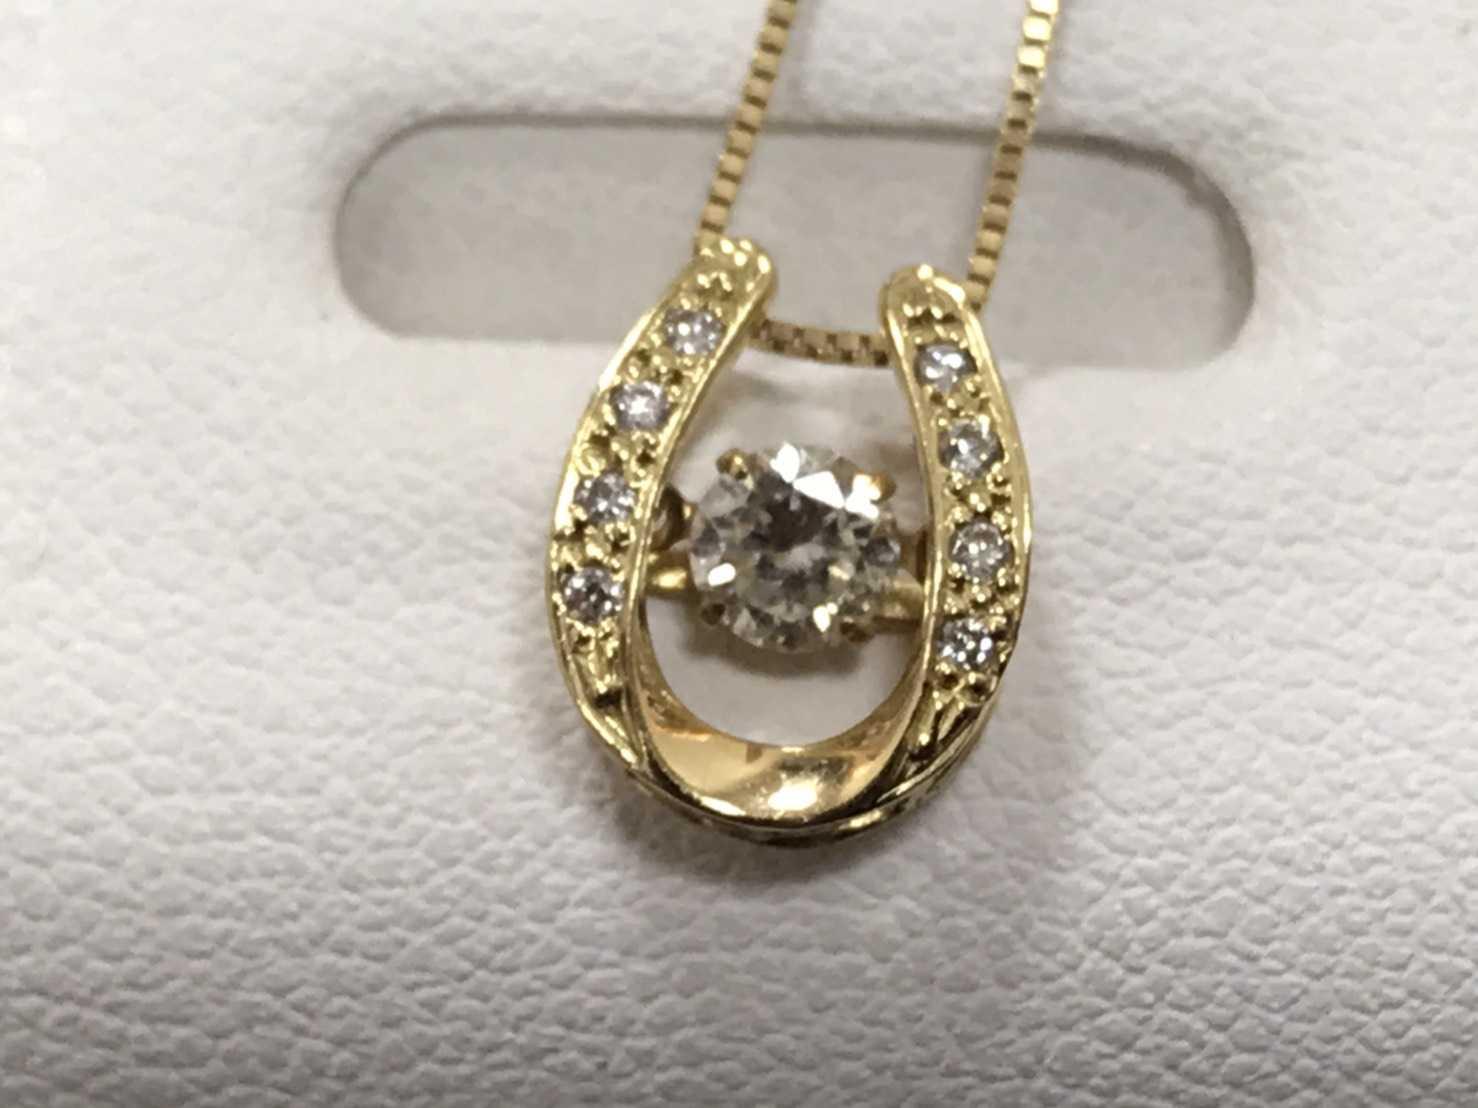 ジュエリー買取 ダイヤモンドネックレス